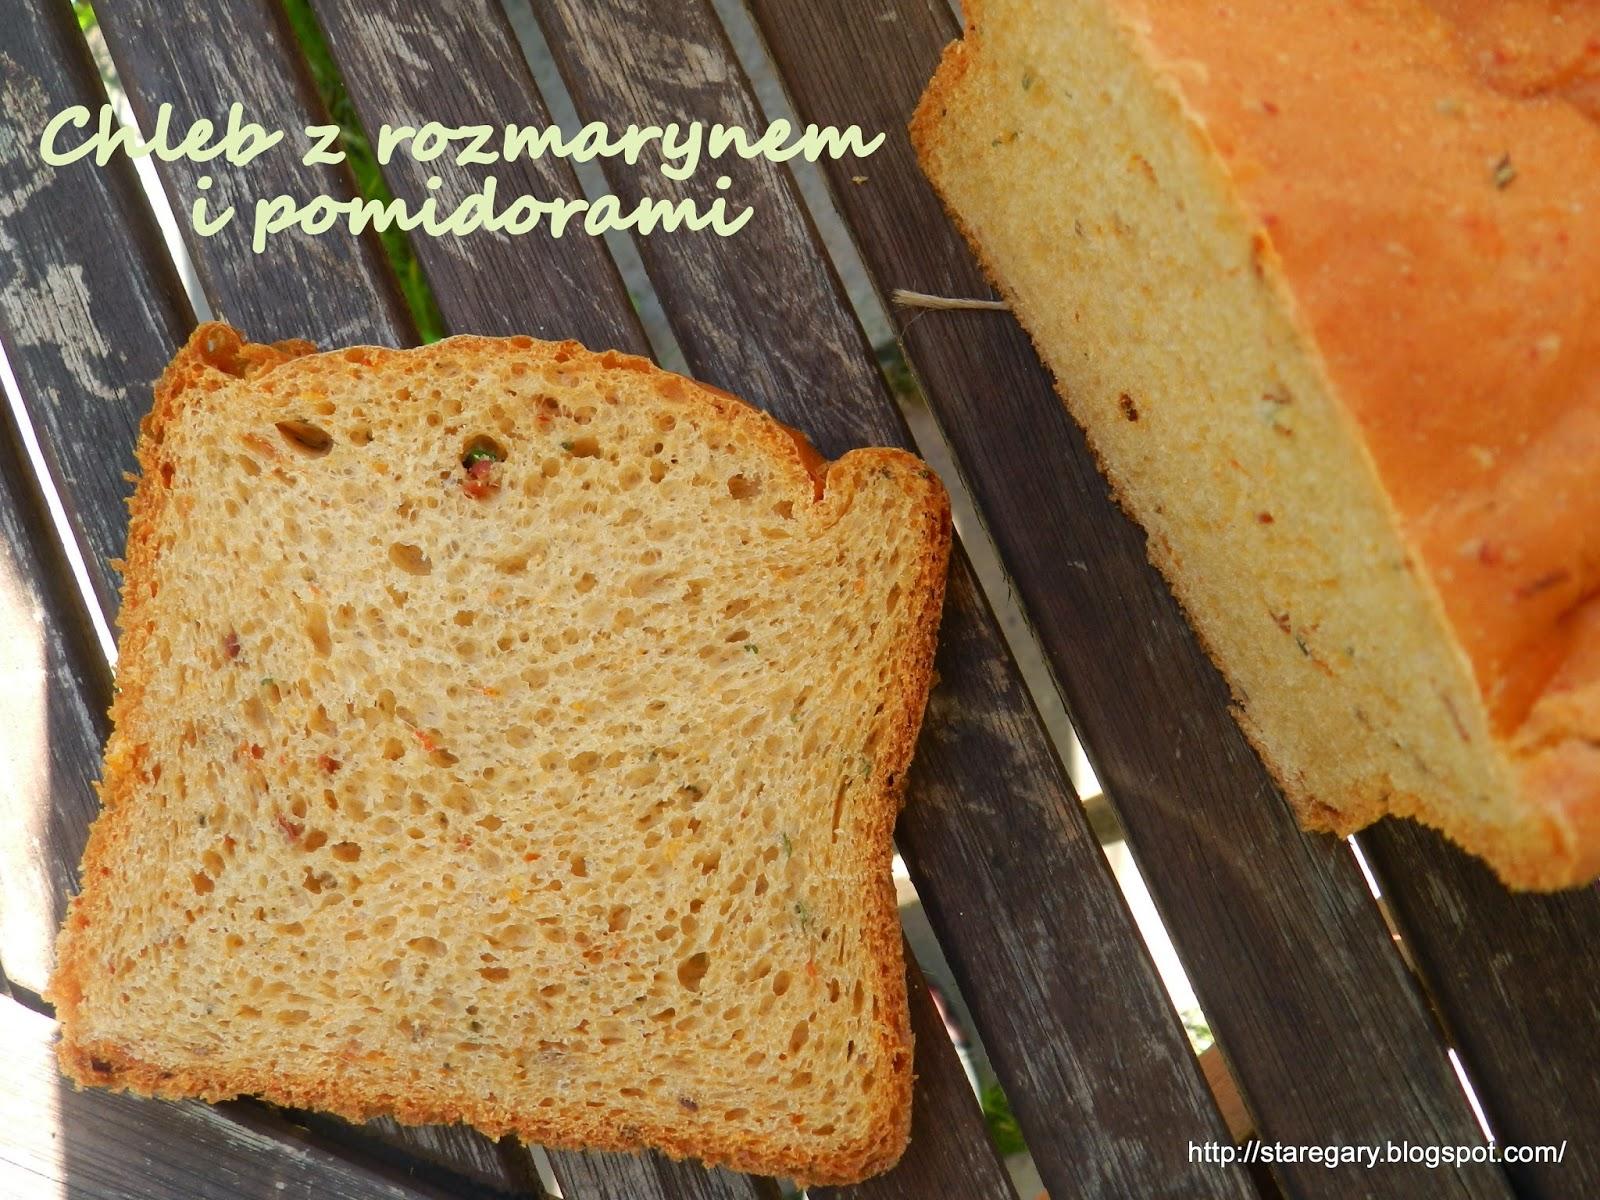 Chleb na drożdżach z rozmarynem i pomidorami z maszyny do chleba